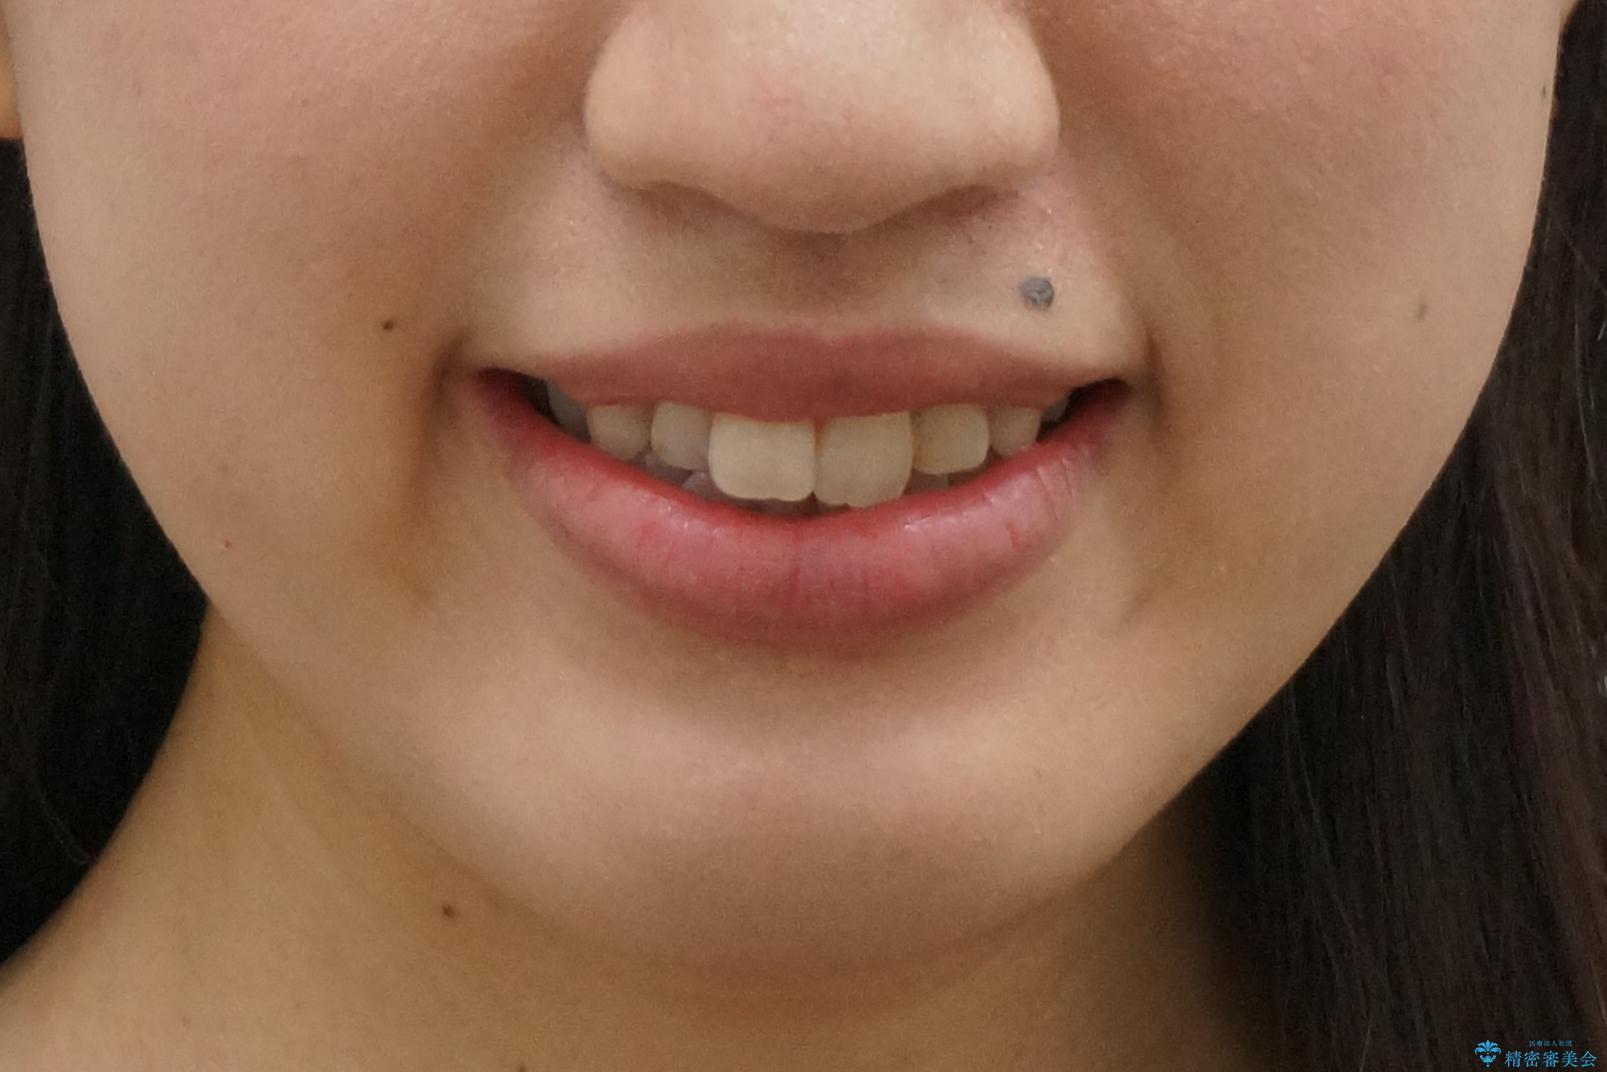 上下の前歯のがたつき 歯を抜かずに矯正の治療前(顔貌)